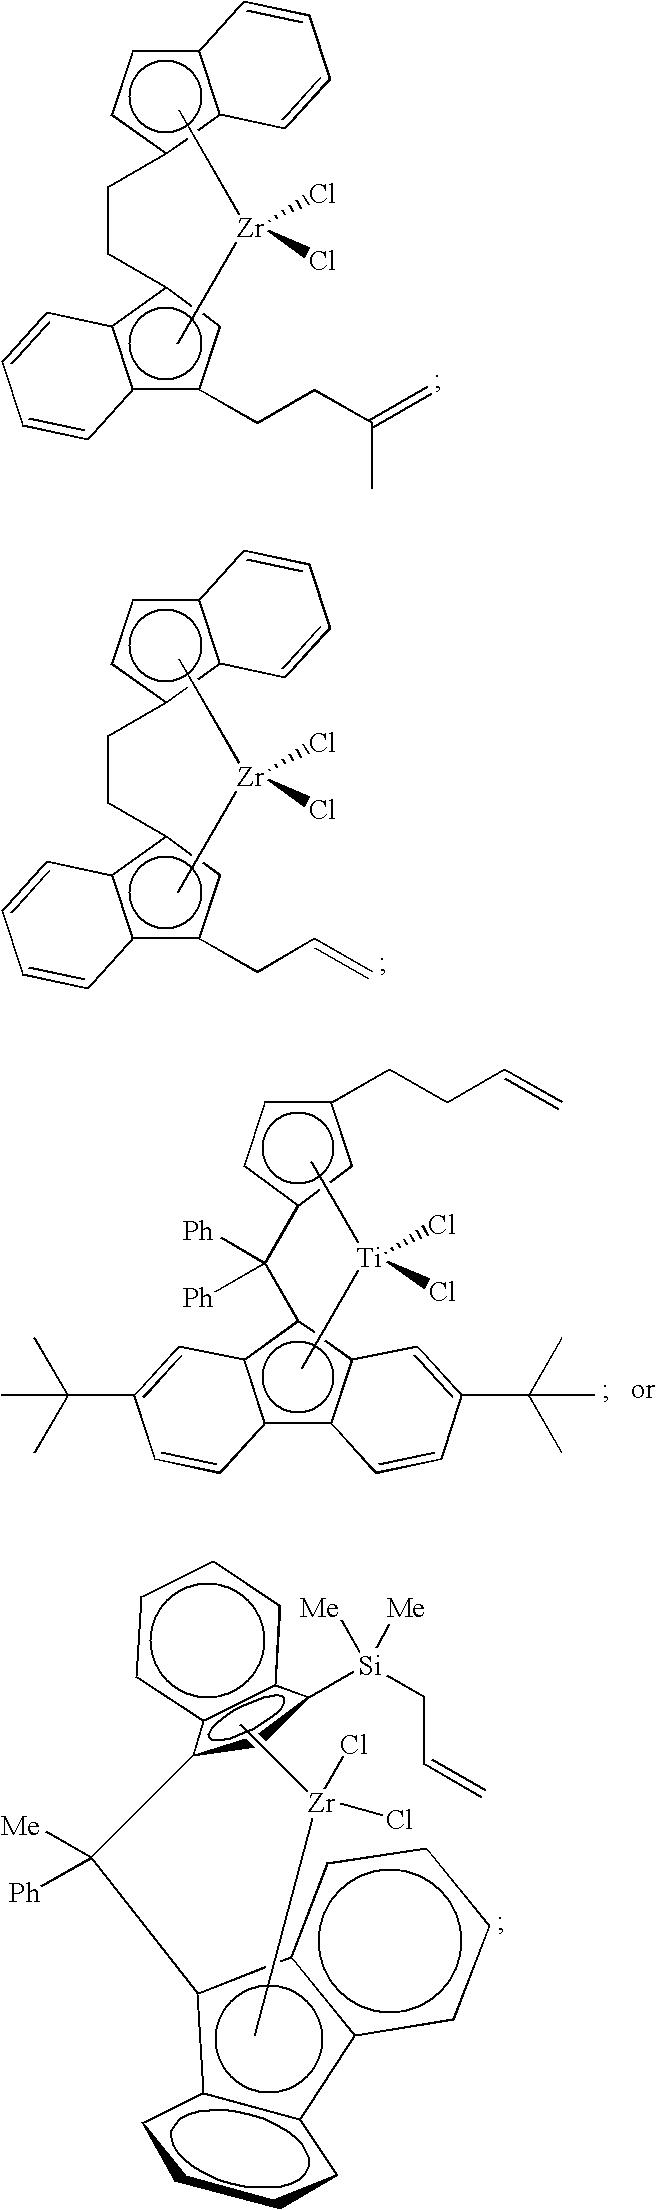 Figure US20100076167A1-20100325-C00004